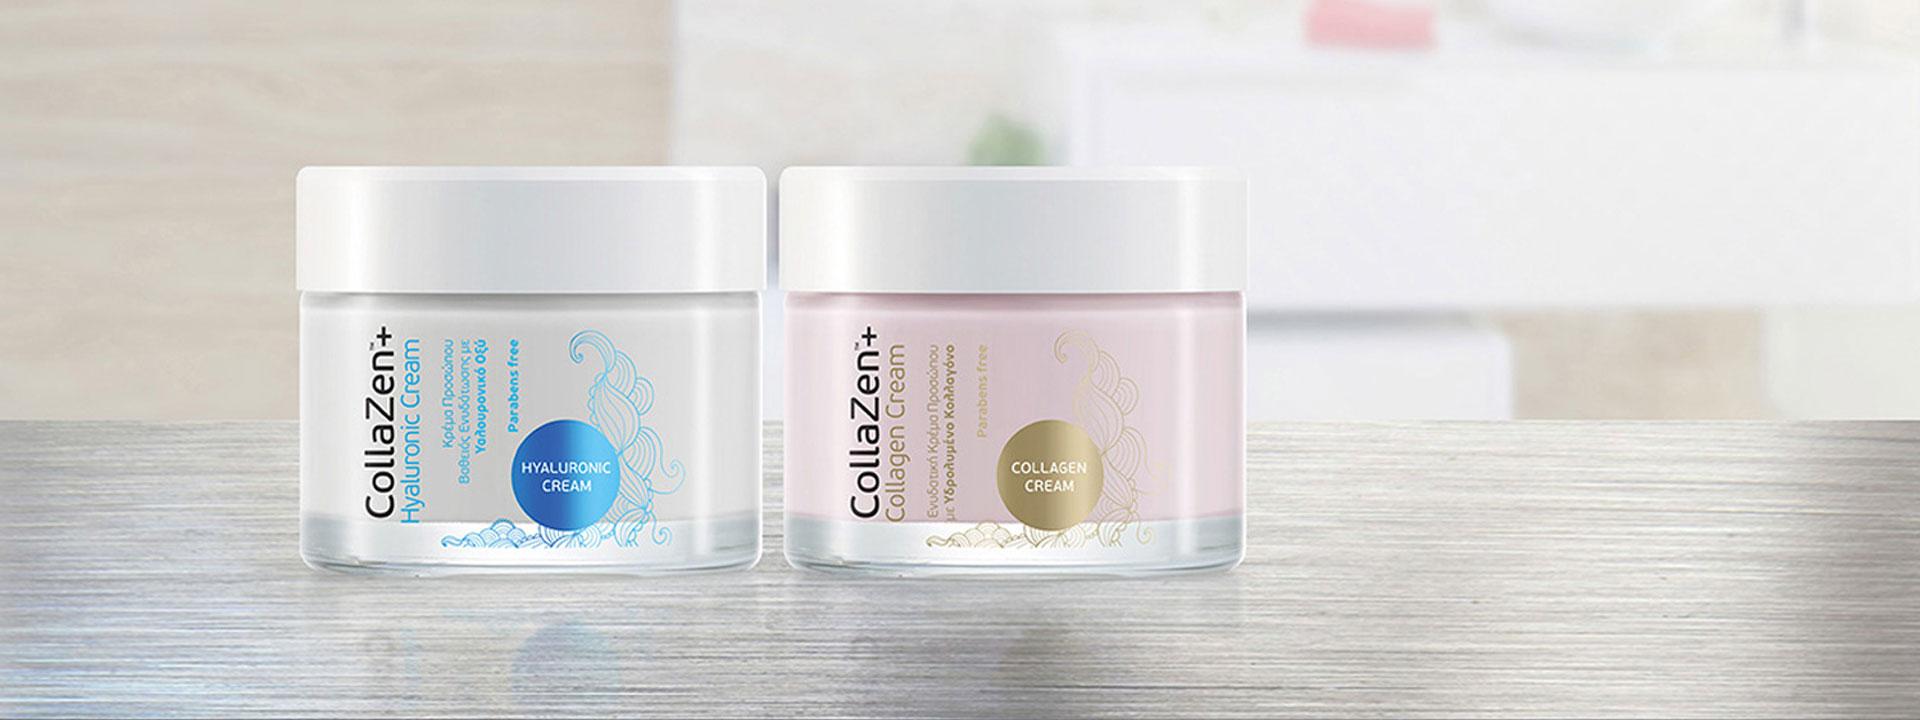 Collazen Collagen + Hyaluronic Cream